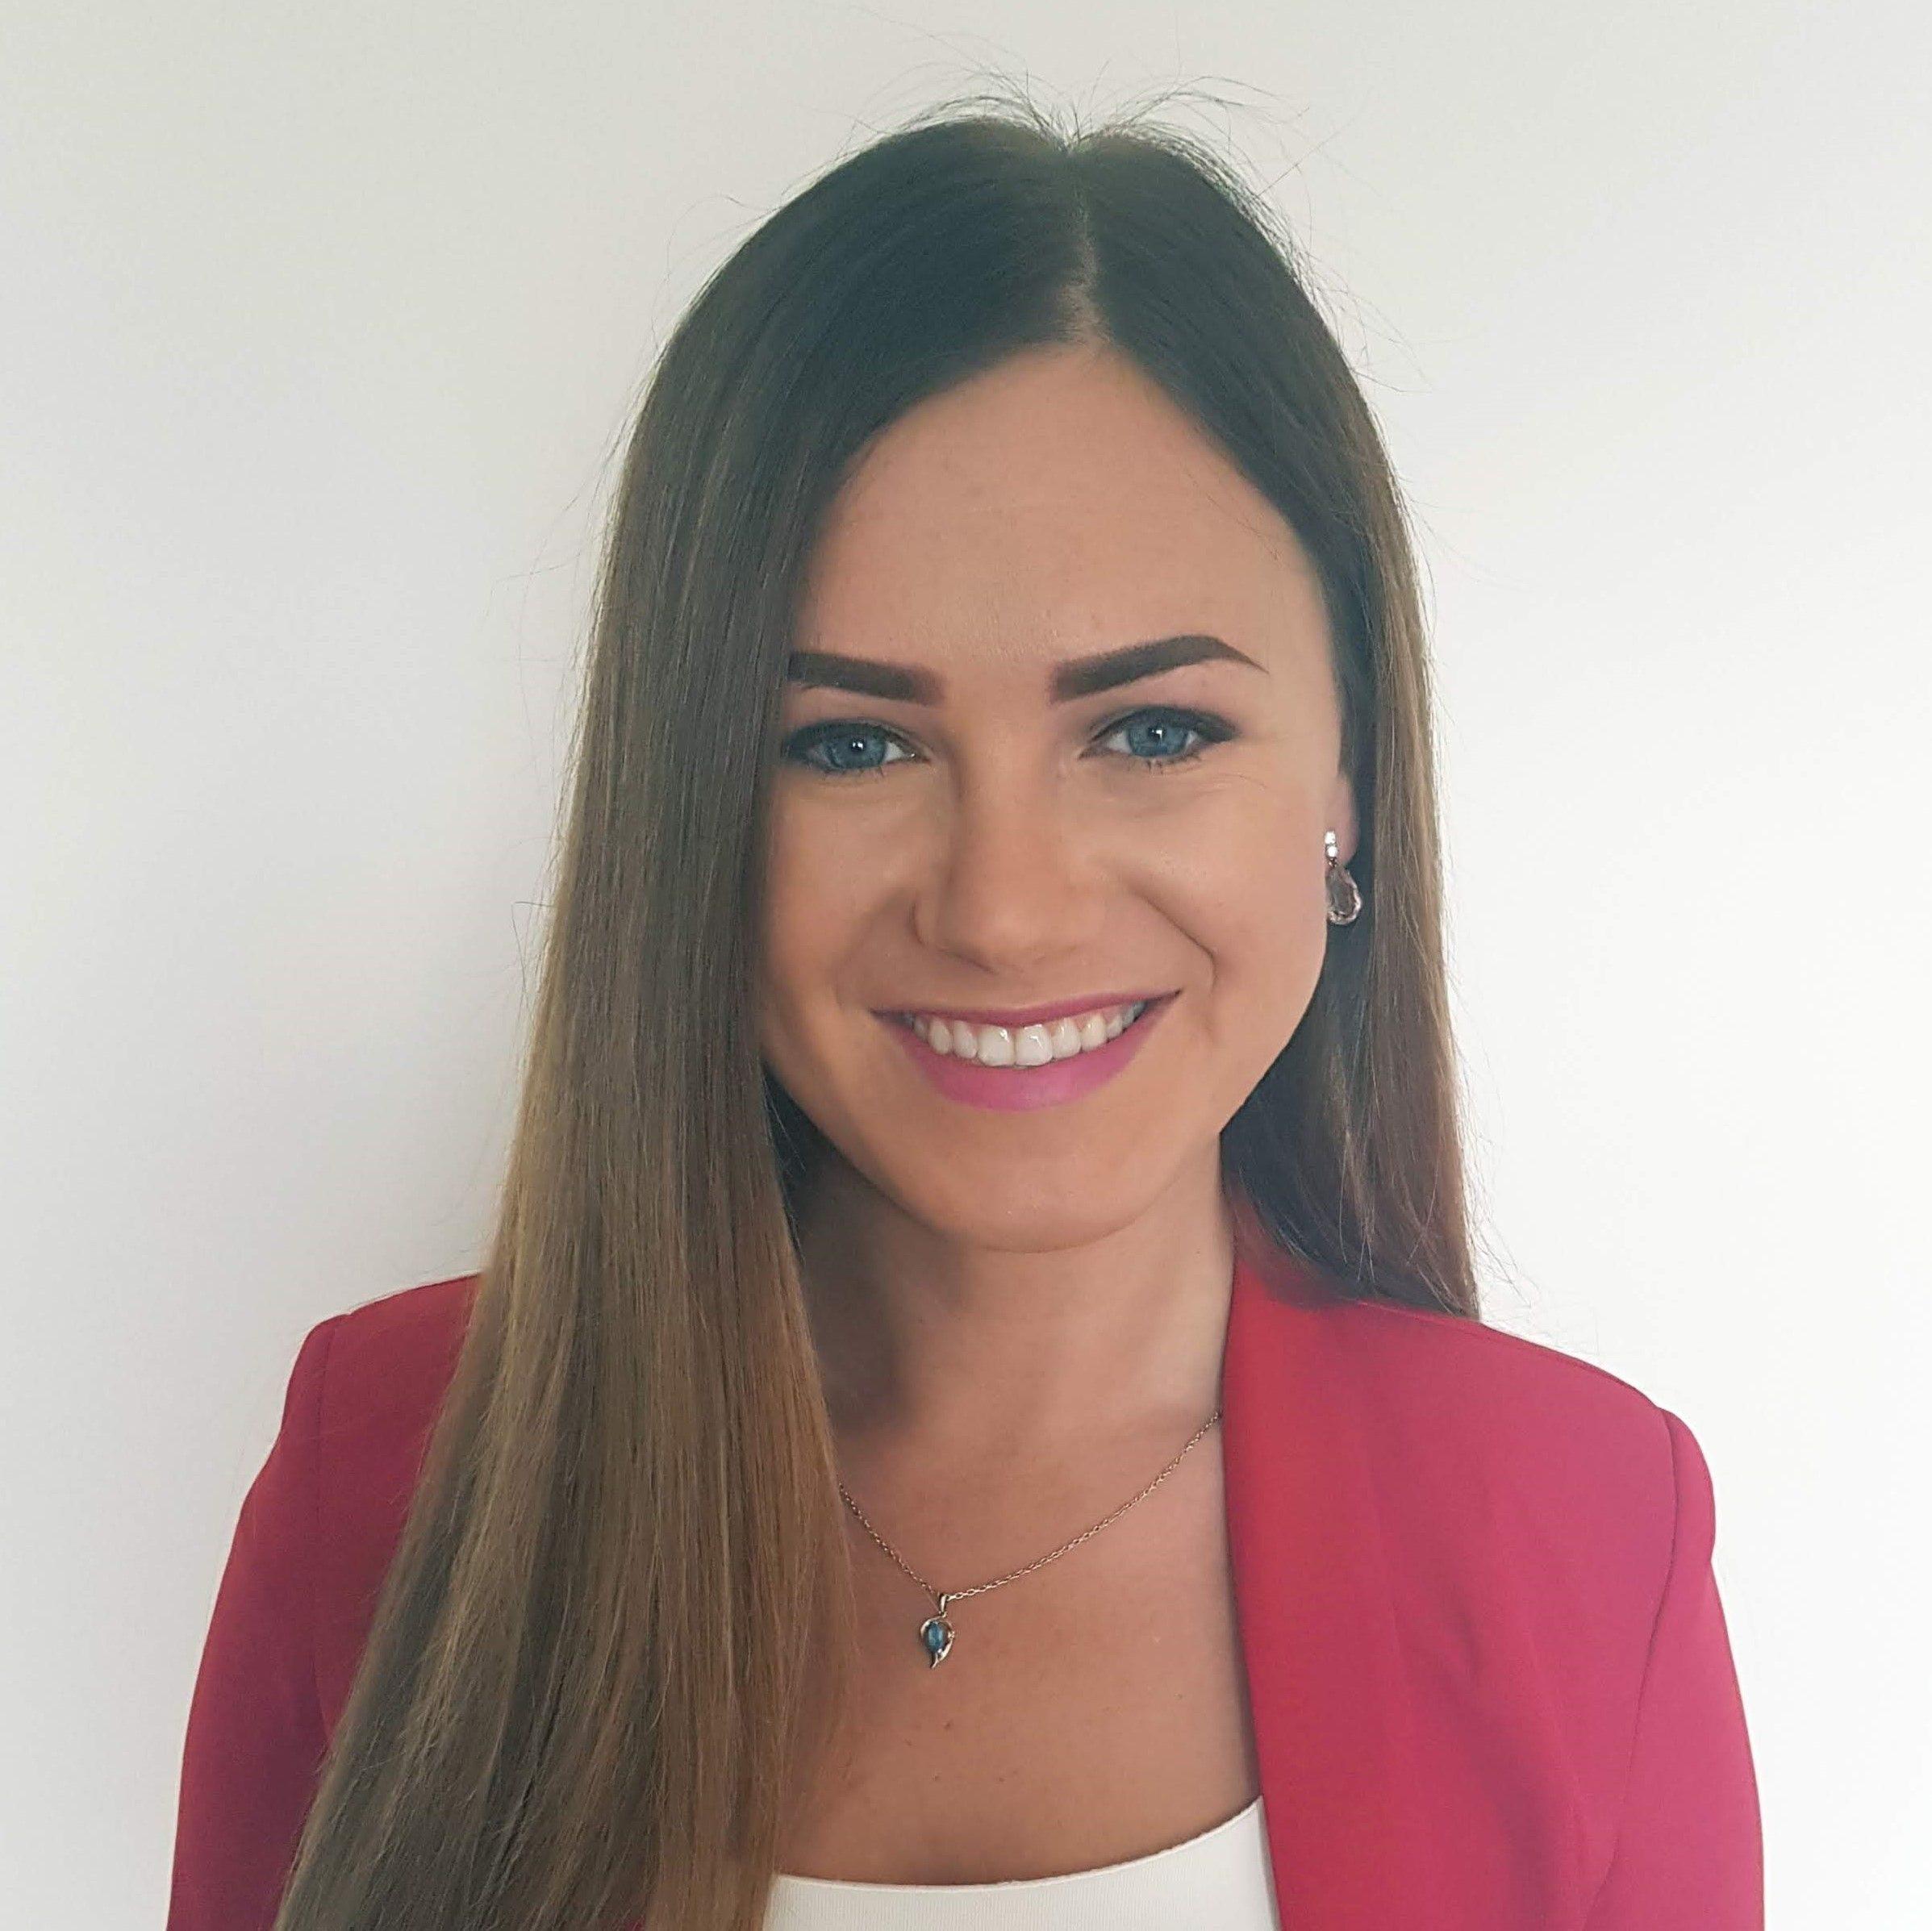 Elise Kopelman